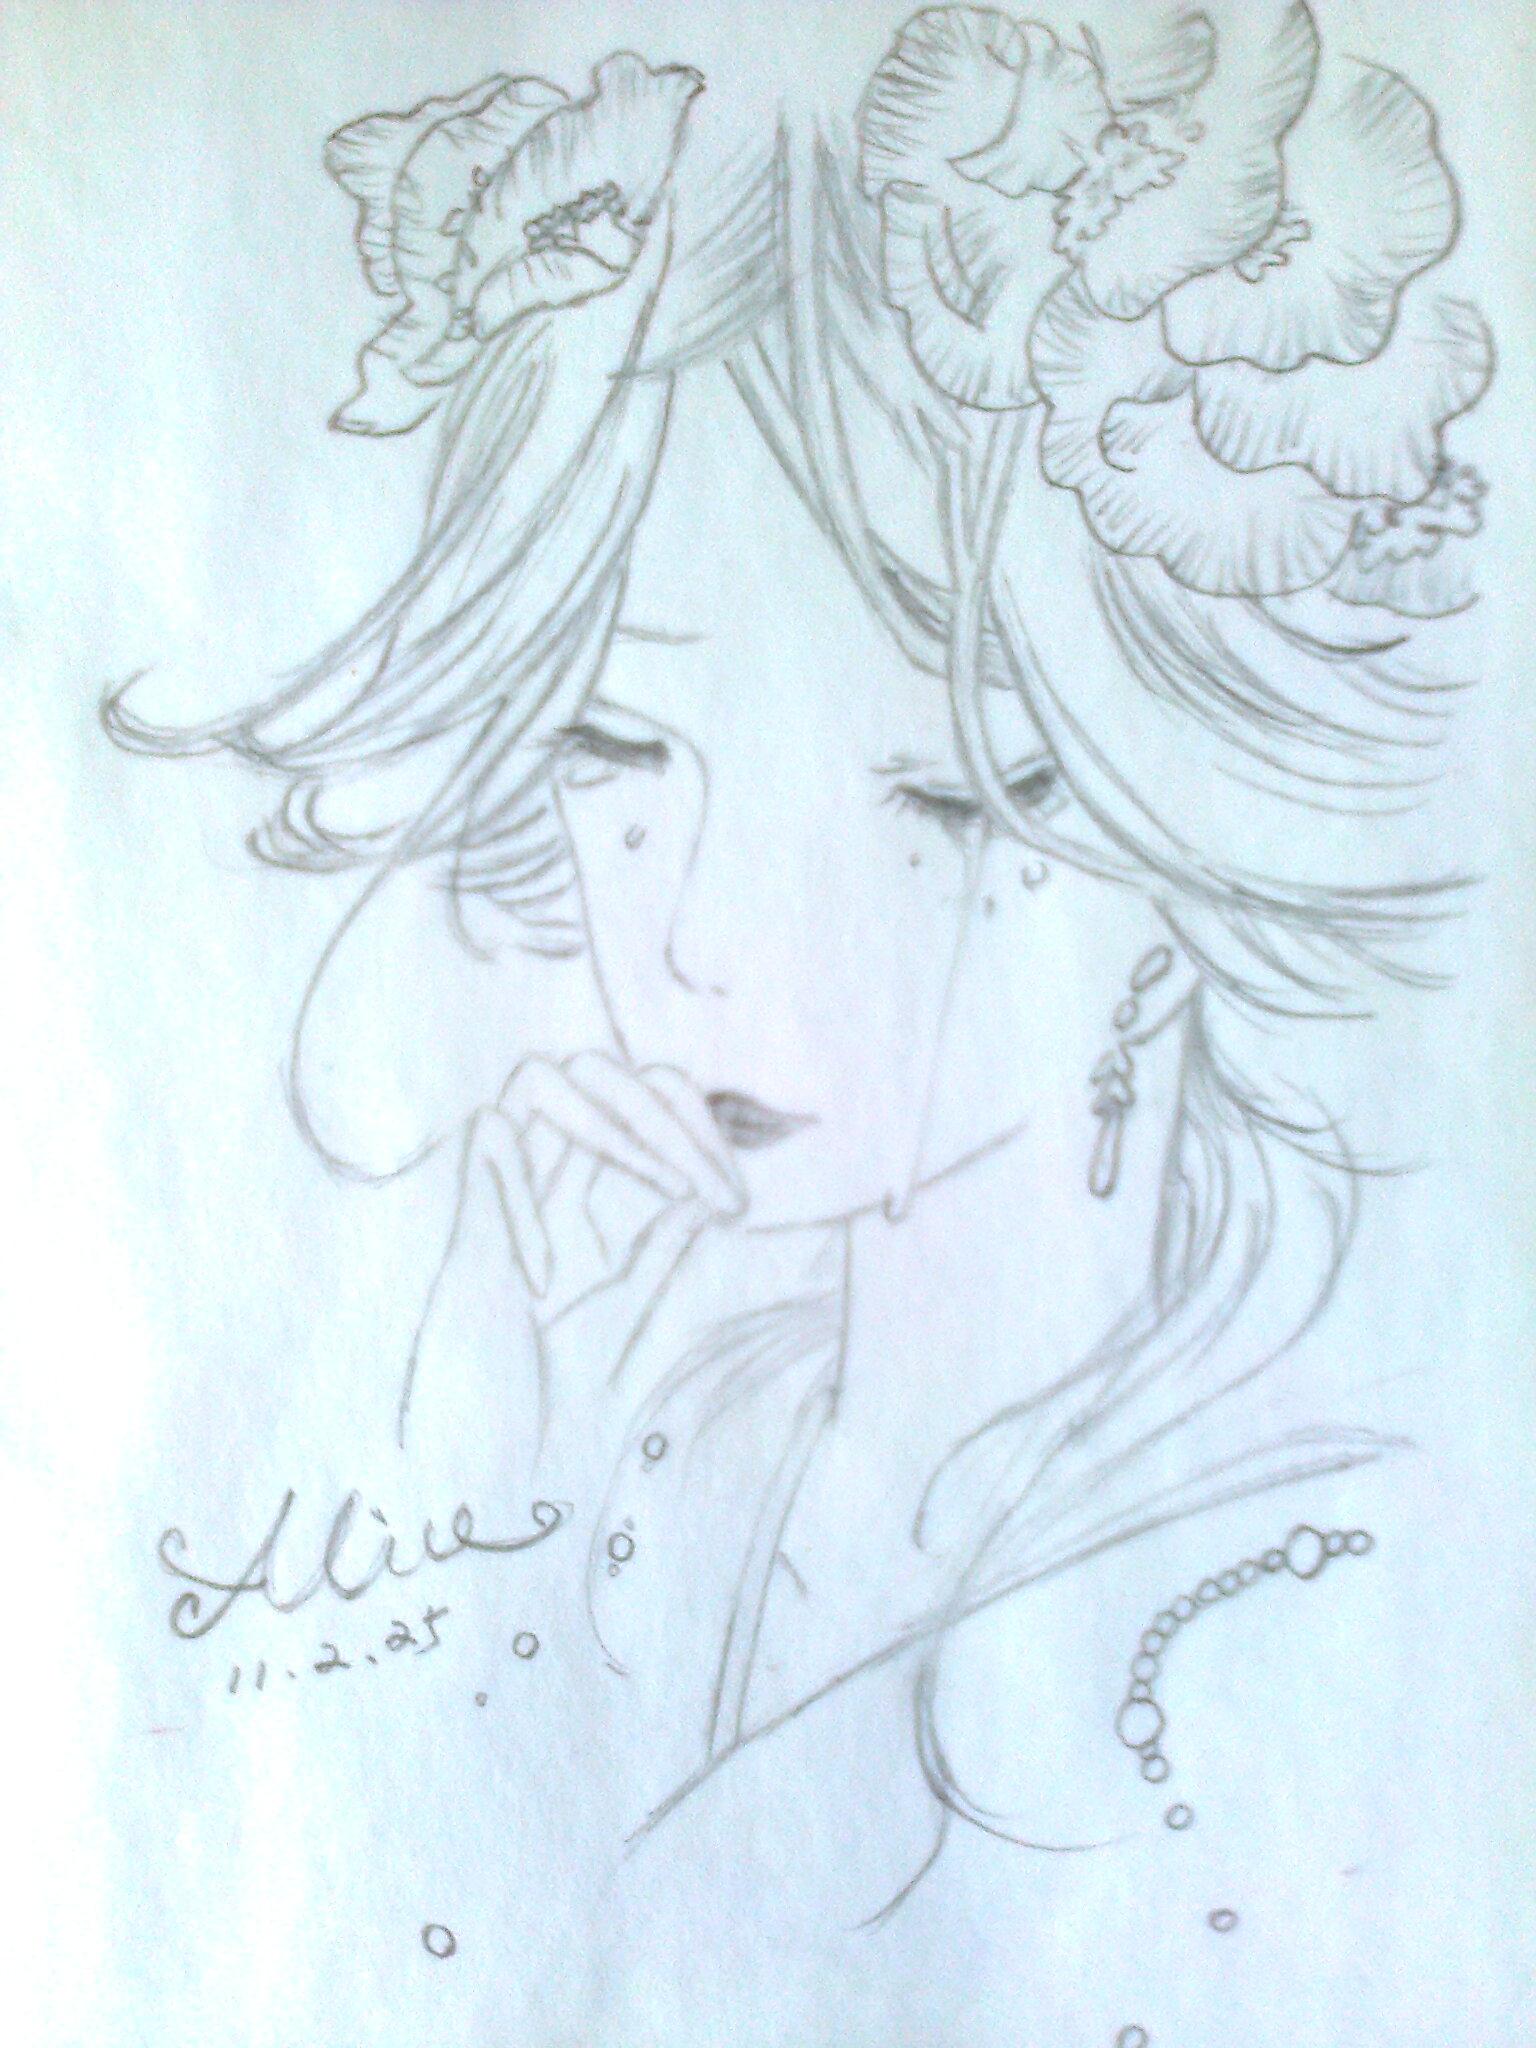 夏达-子不语-木芙蓉